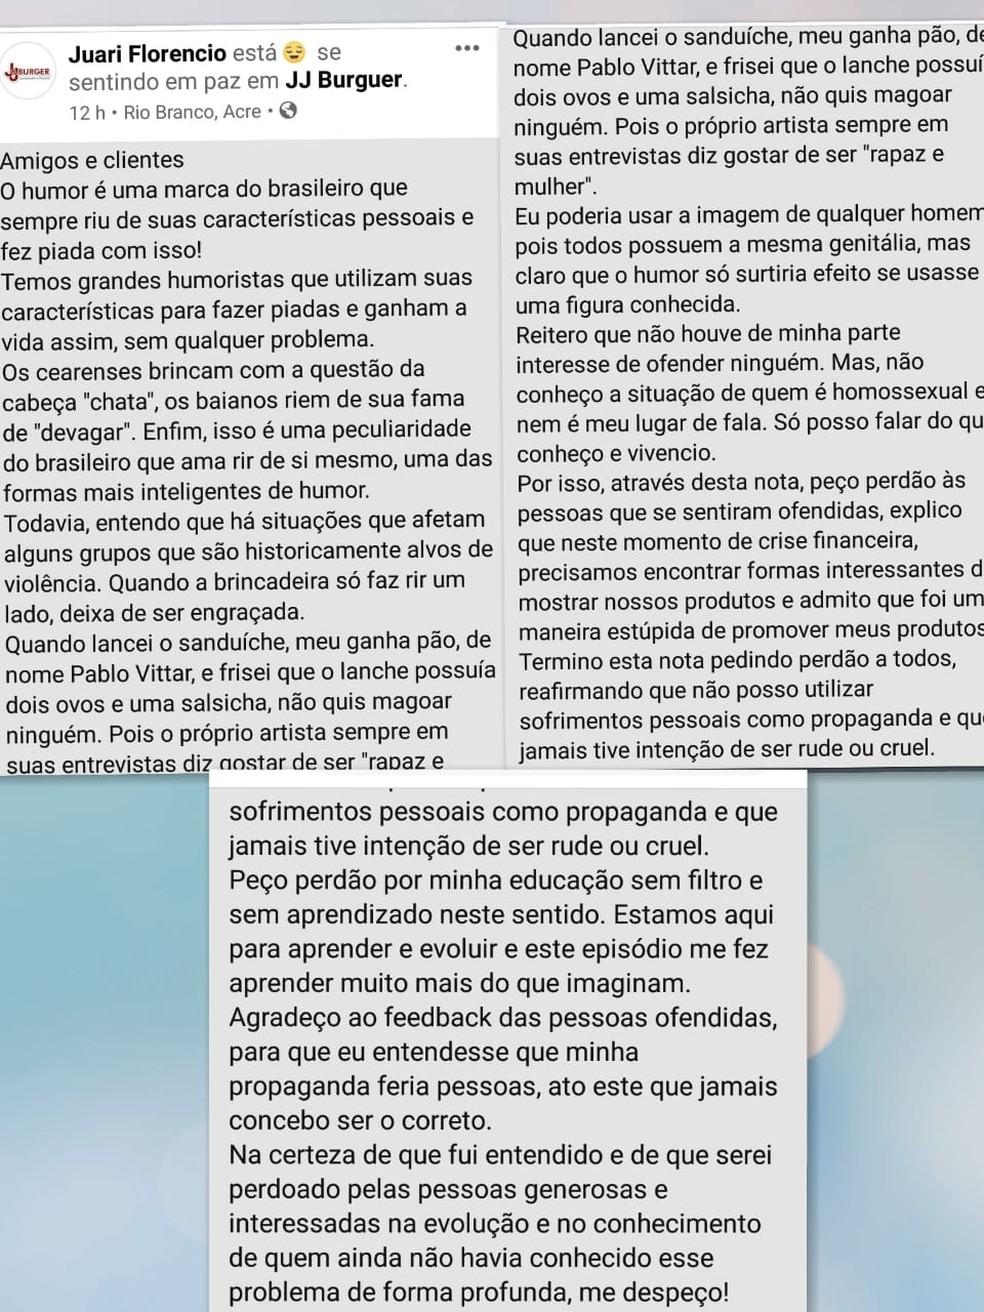 """Dono de lanchonete se desculpa após cardápio com """"X-Pablo Vitar"""" — Foto: Reprodução"""